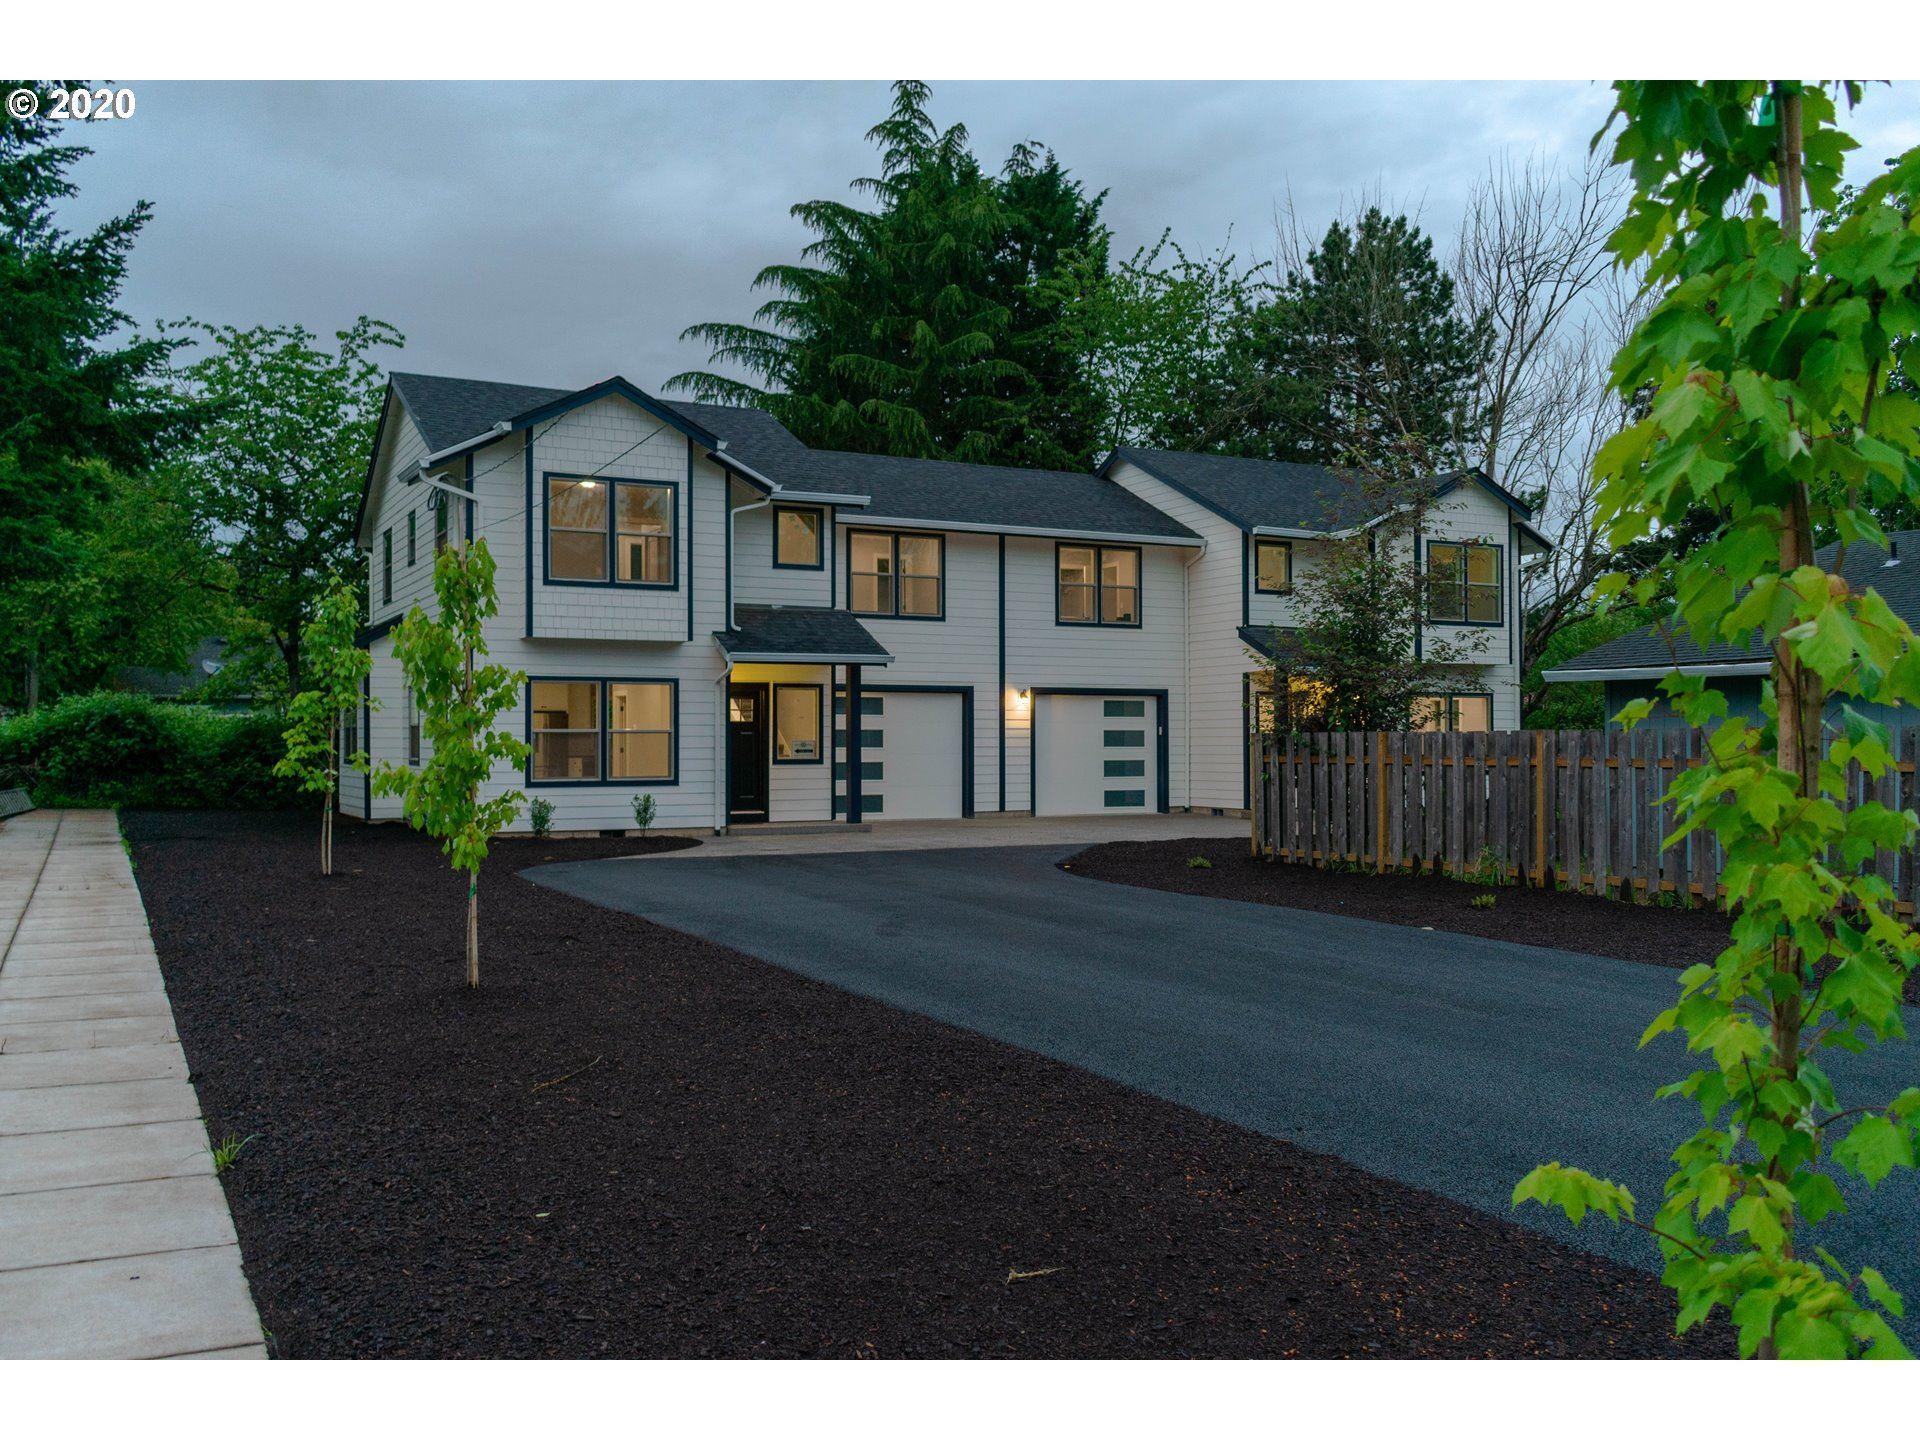 7981 SE HENDERSON ST, Portland, OR 97206 - MLS#: 20096278